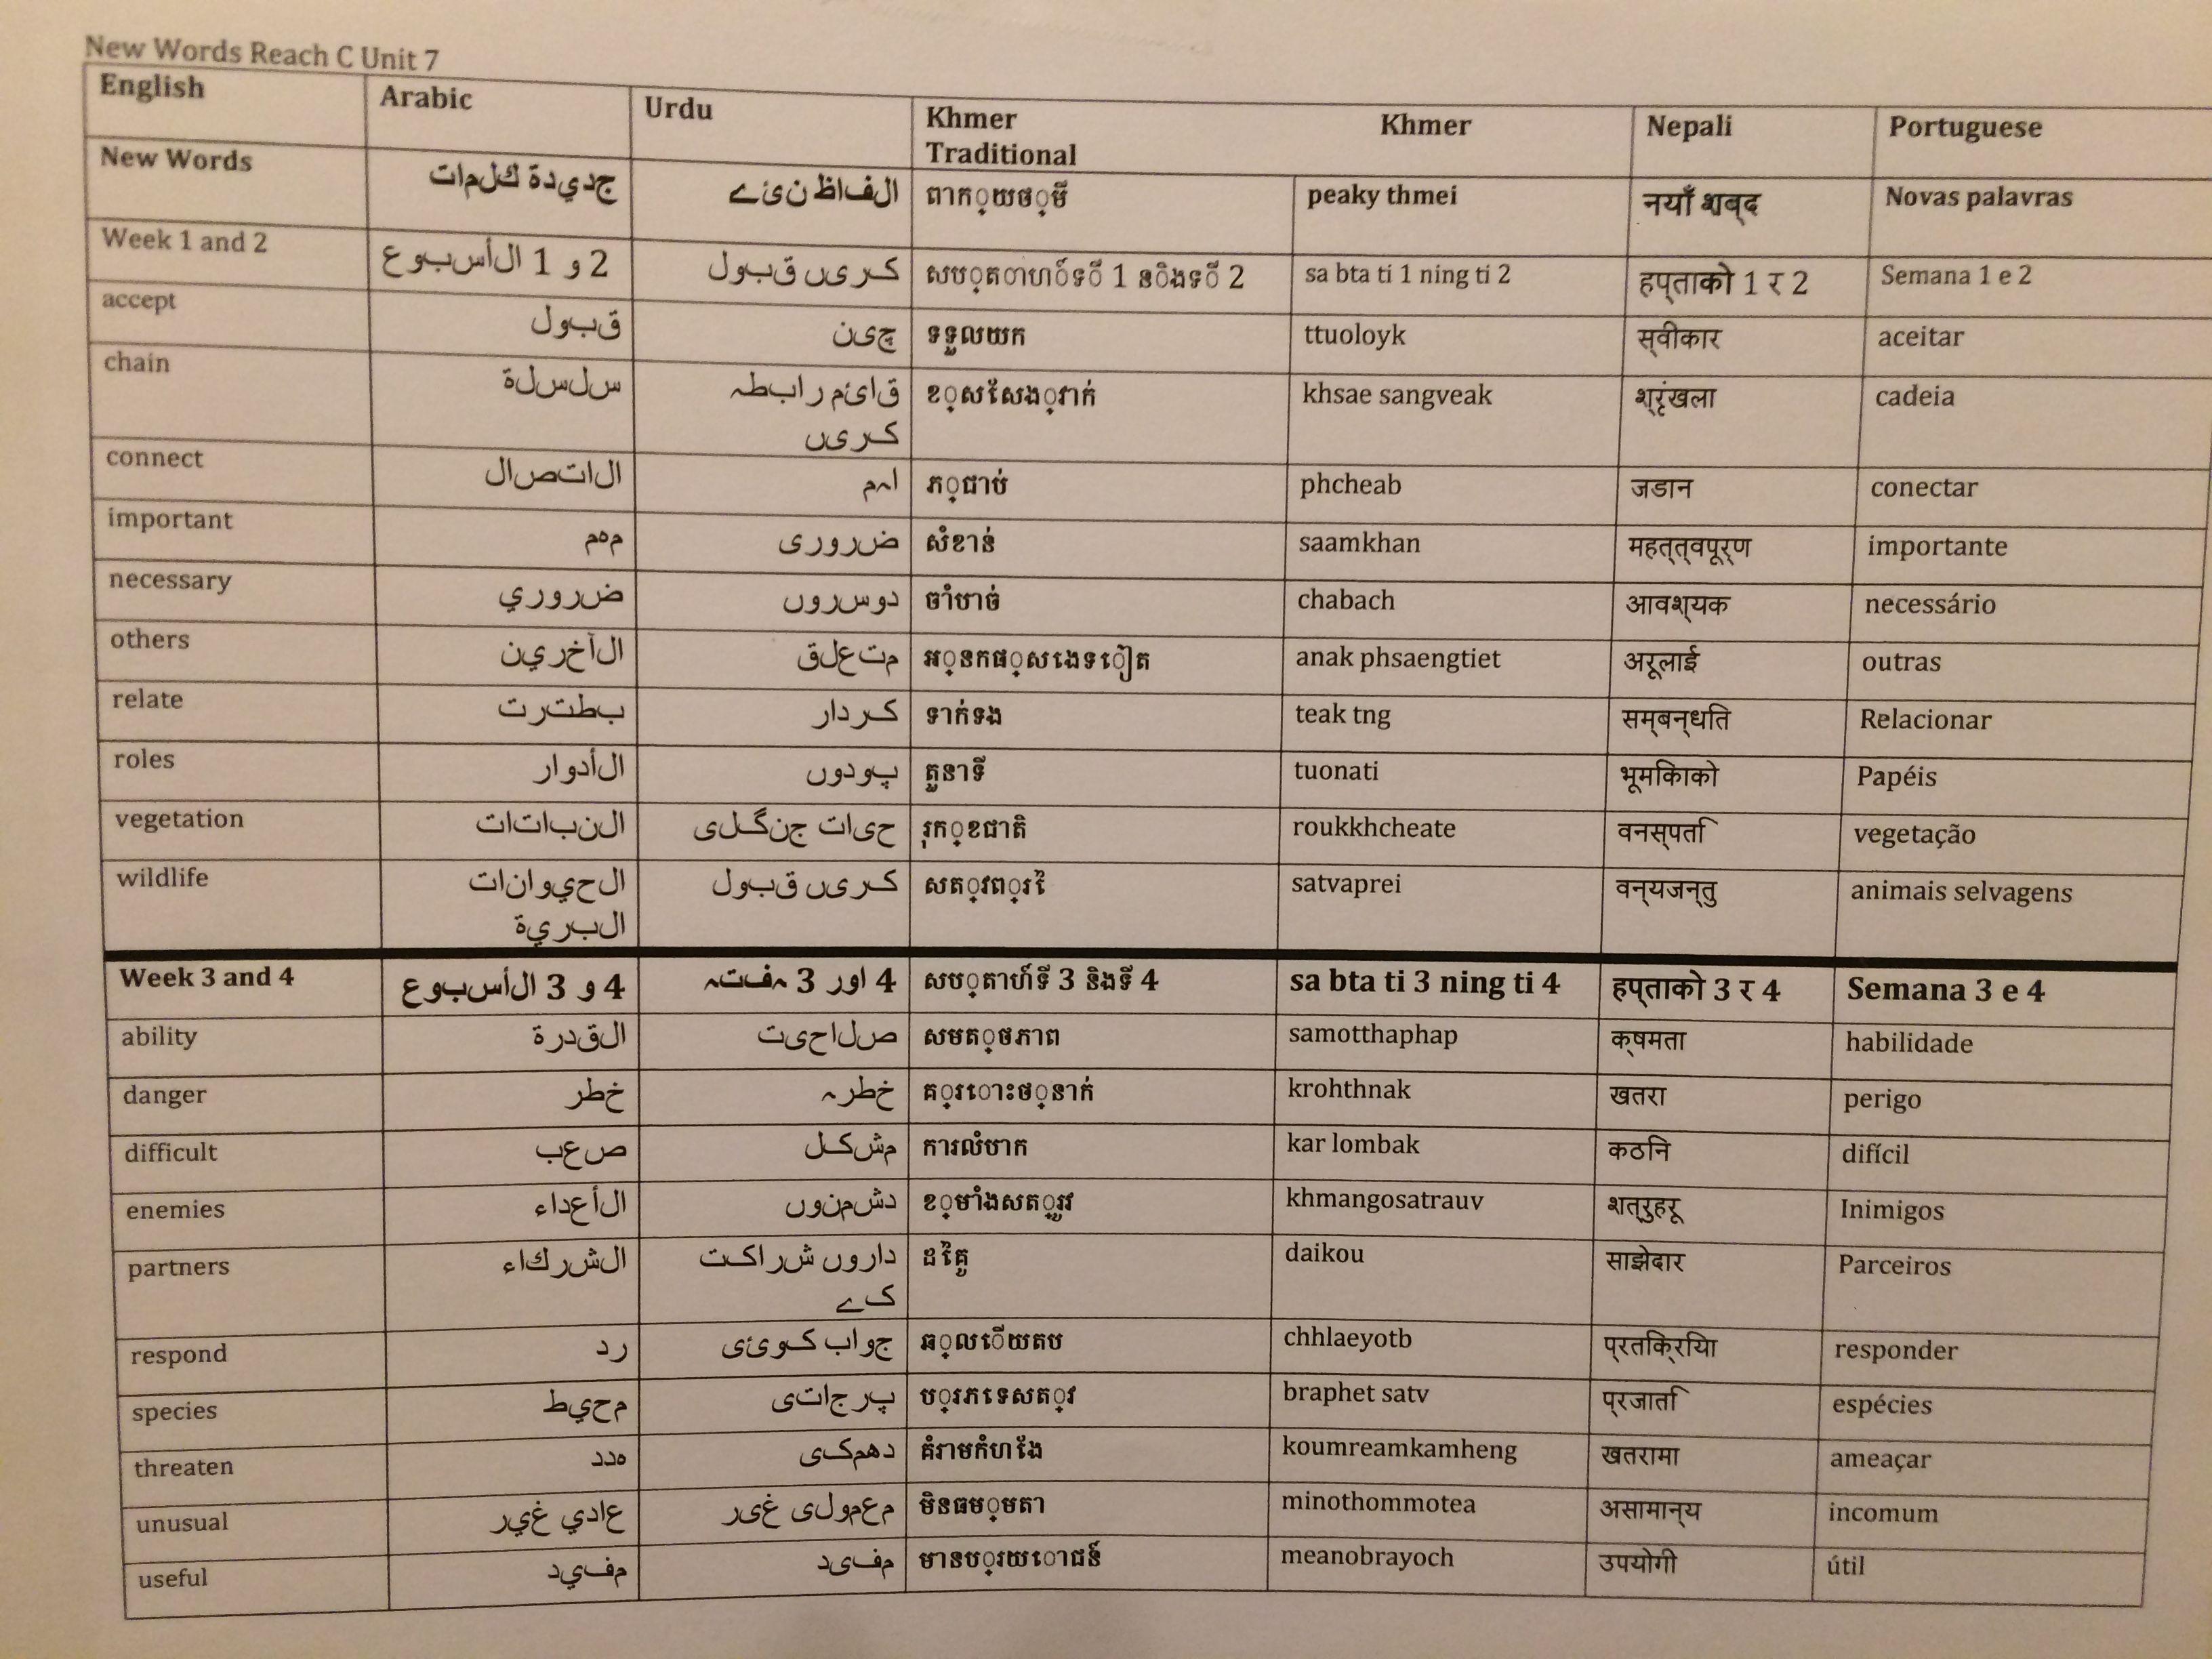 Reach C unit 7 words (Google) translated into Arabic, Urdu, Khmer ...